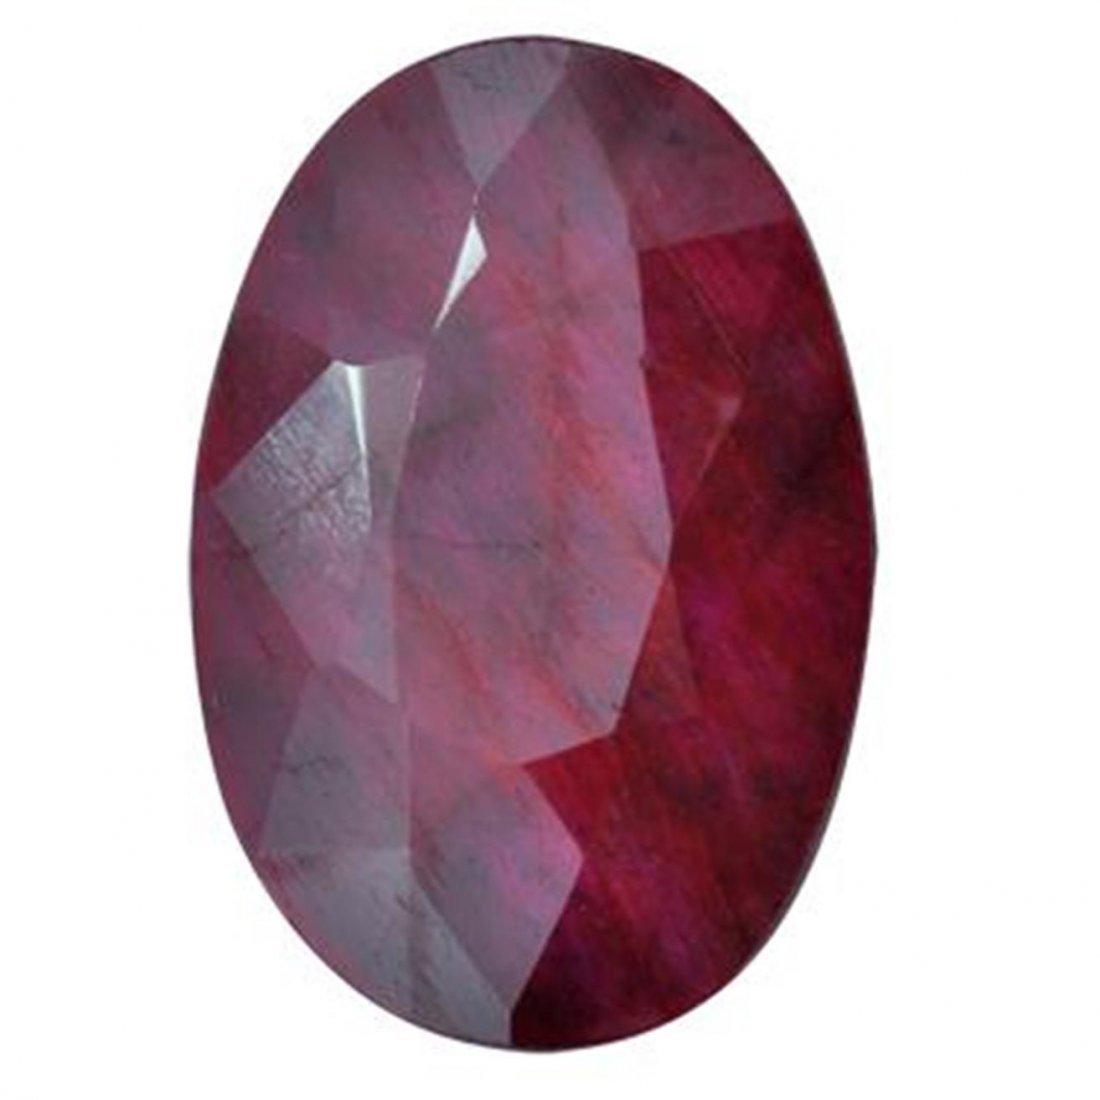 A 1 ct. Ruby Gem